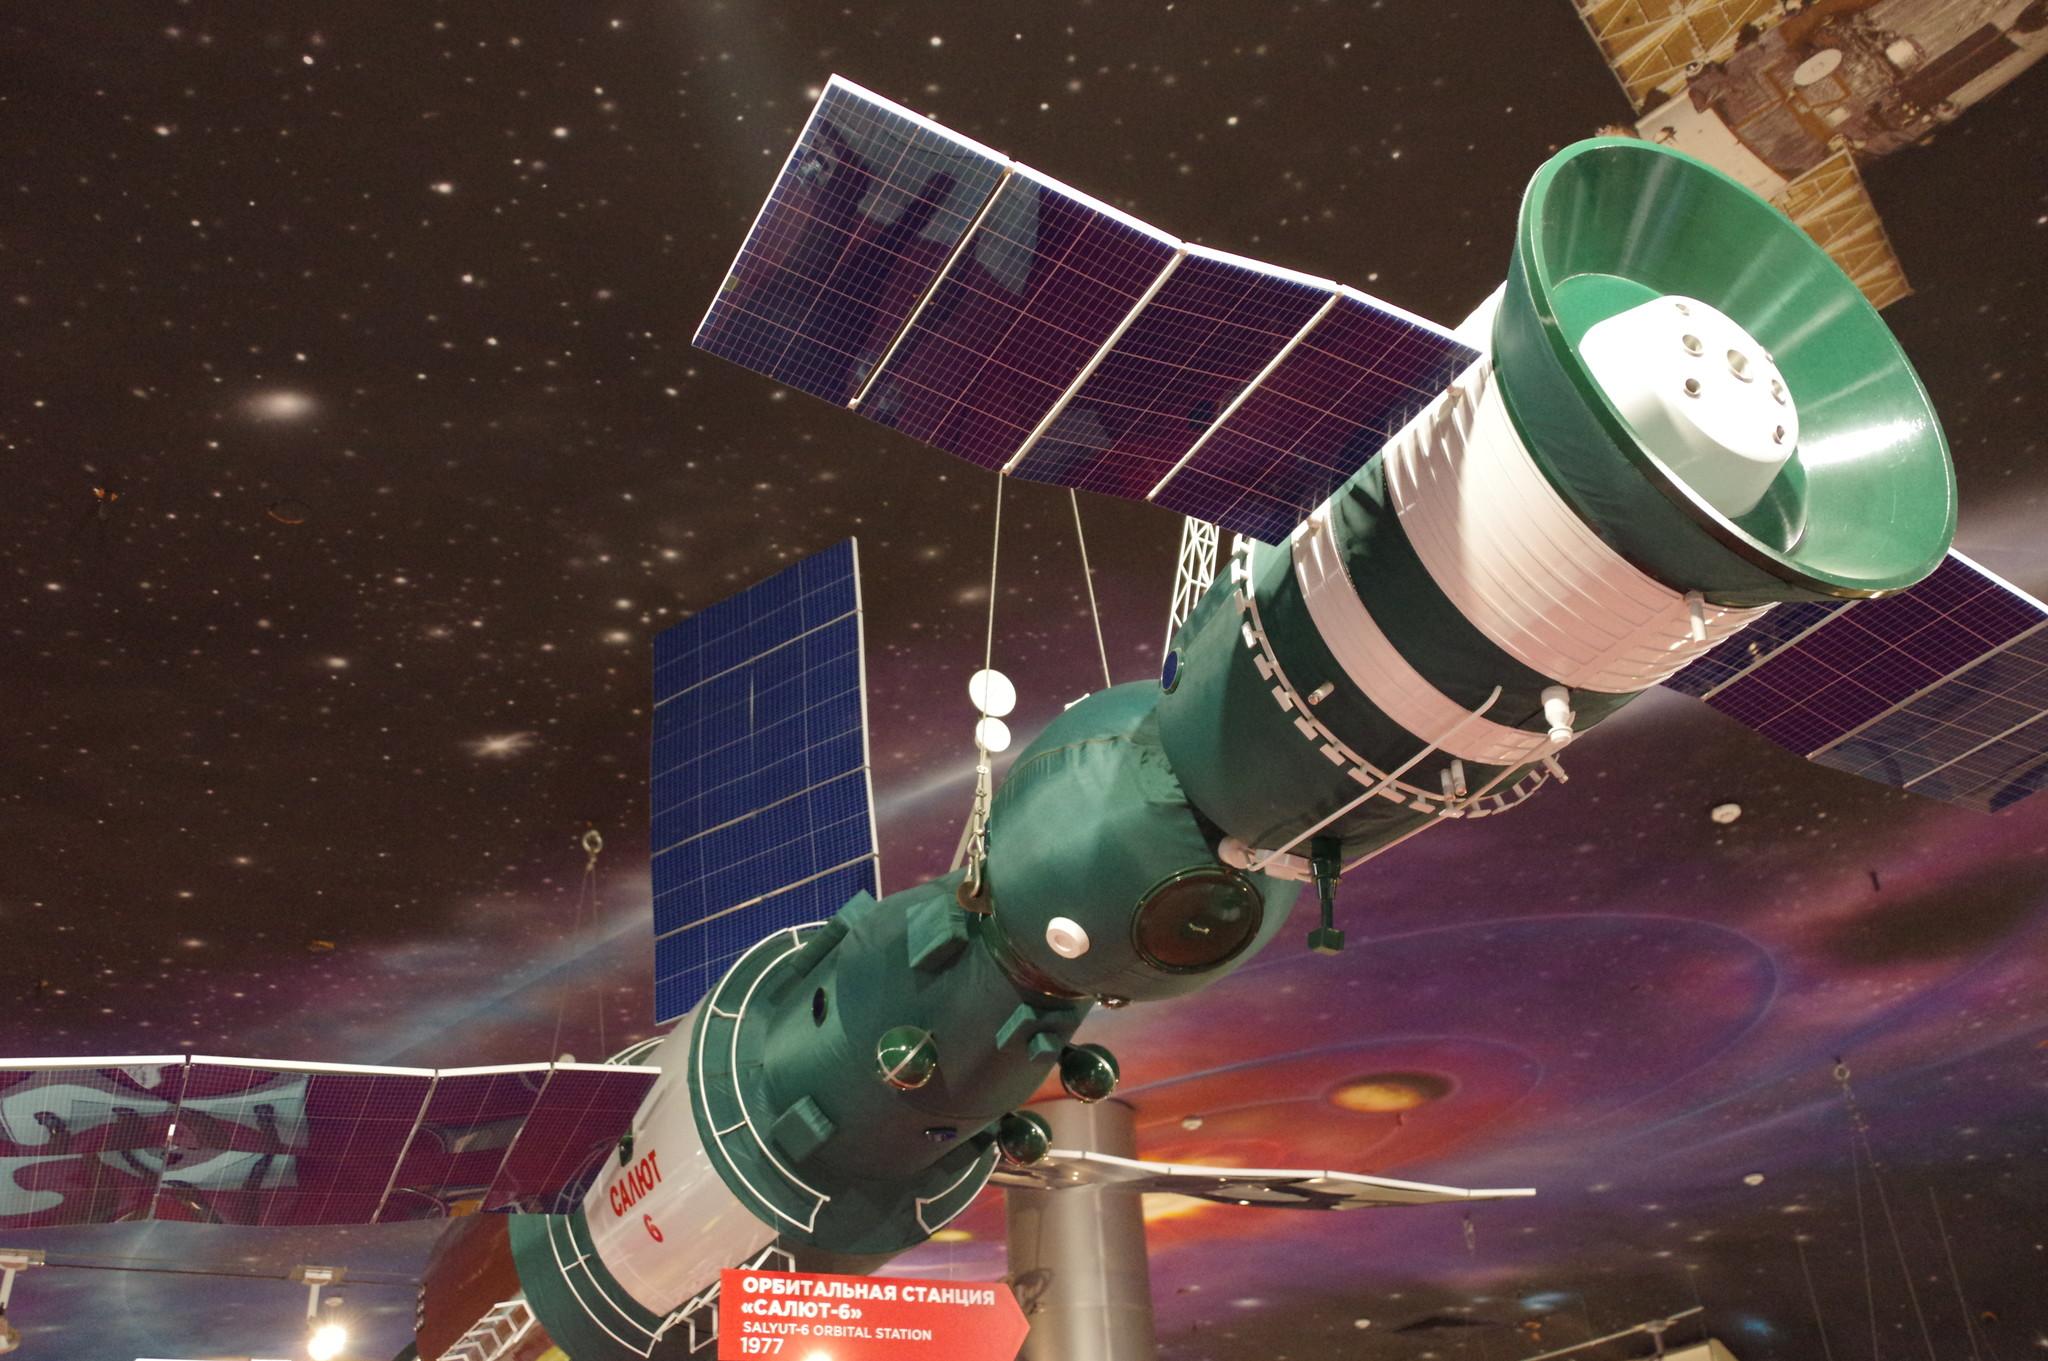 Орбитальная станция «Салют-6». Мемориальный музей космонавтики (Проспект мира, дом 111)